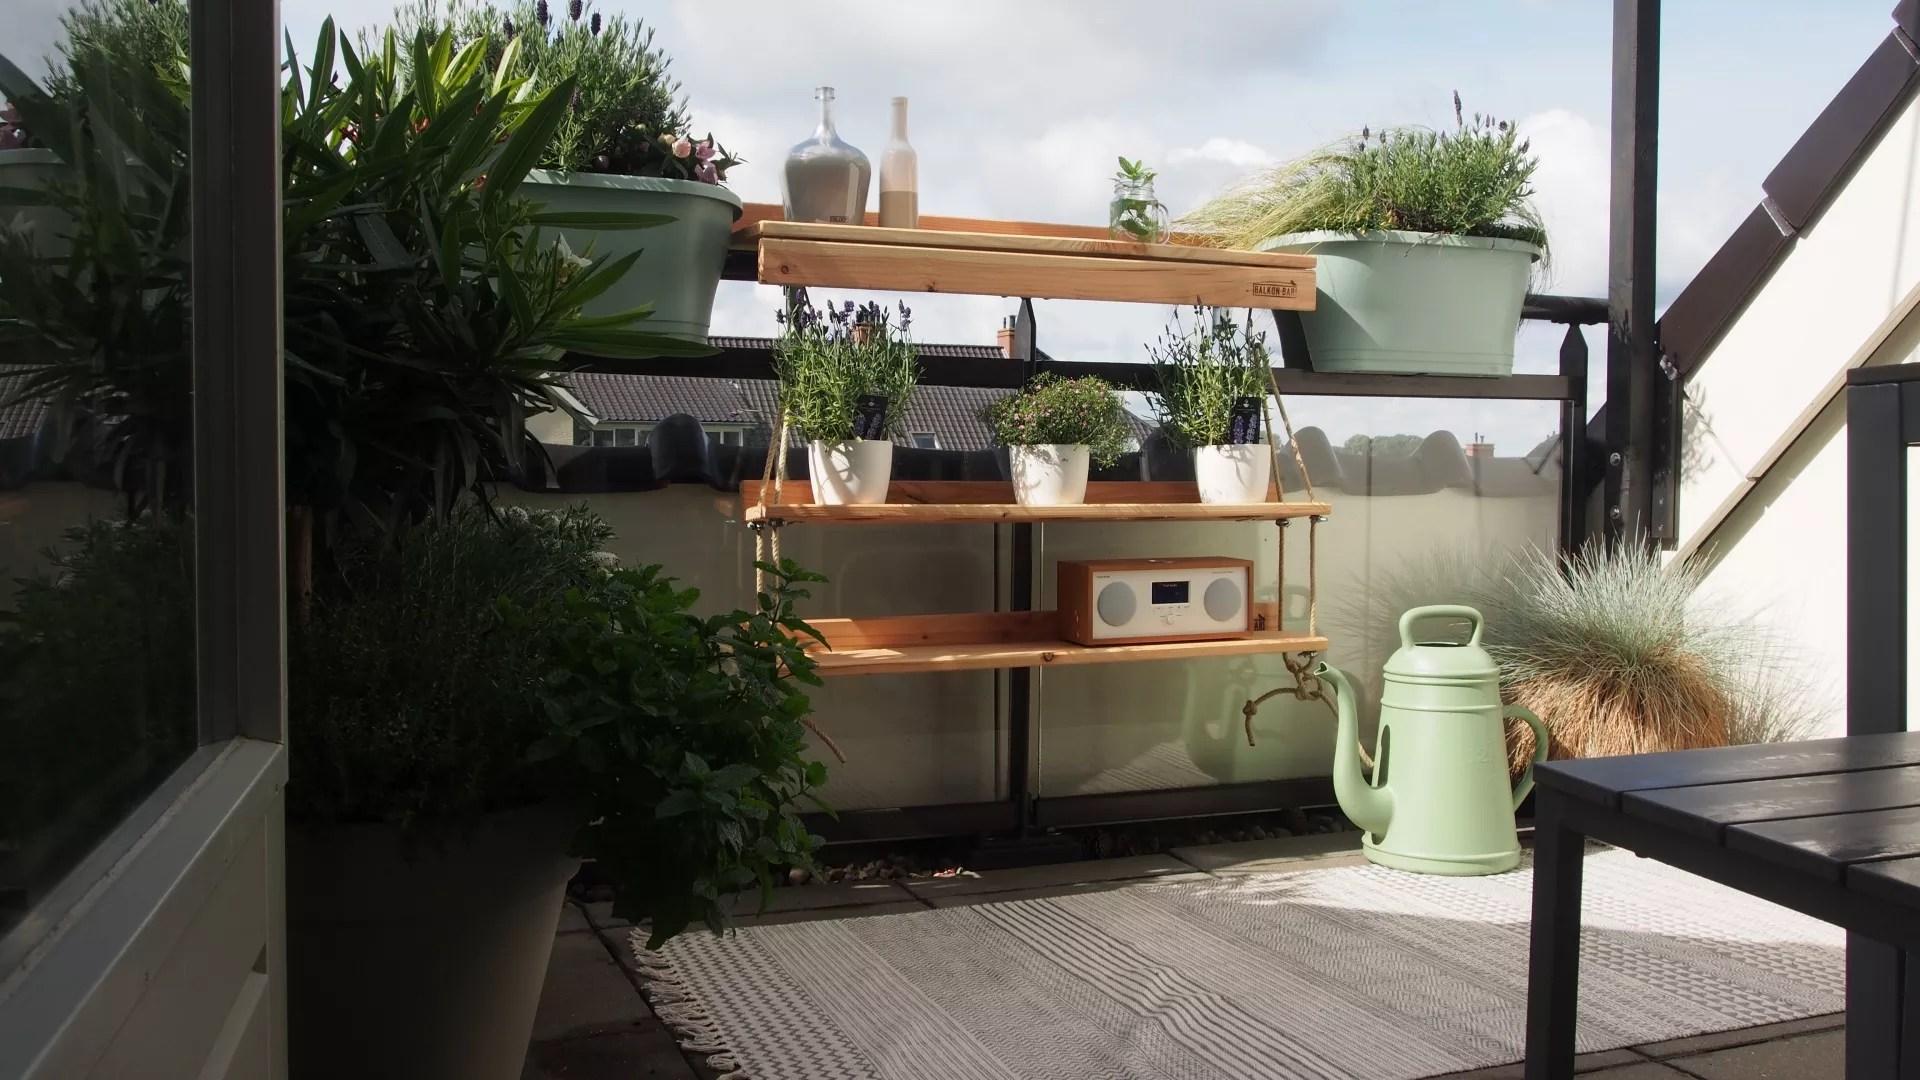 Kleine Serre Inrichten : Balkon inspiratie 25x inspiratie klein balkon inrichten